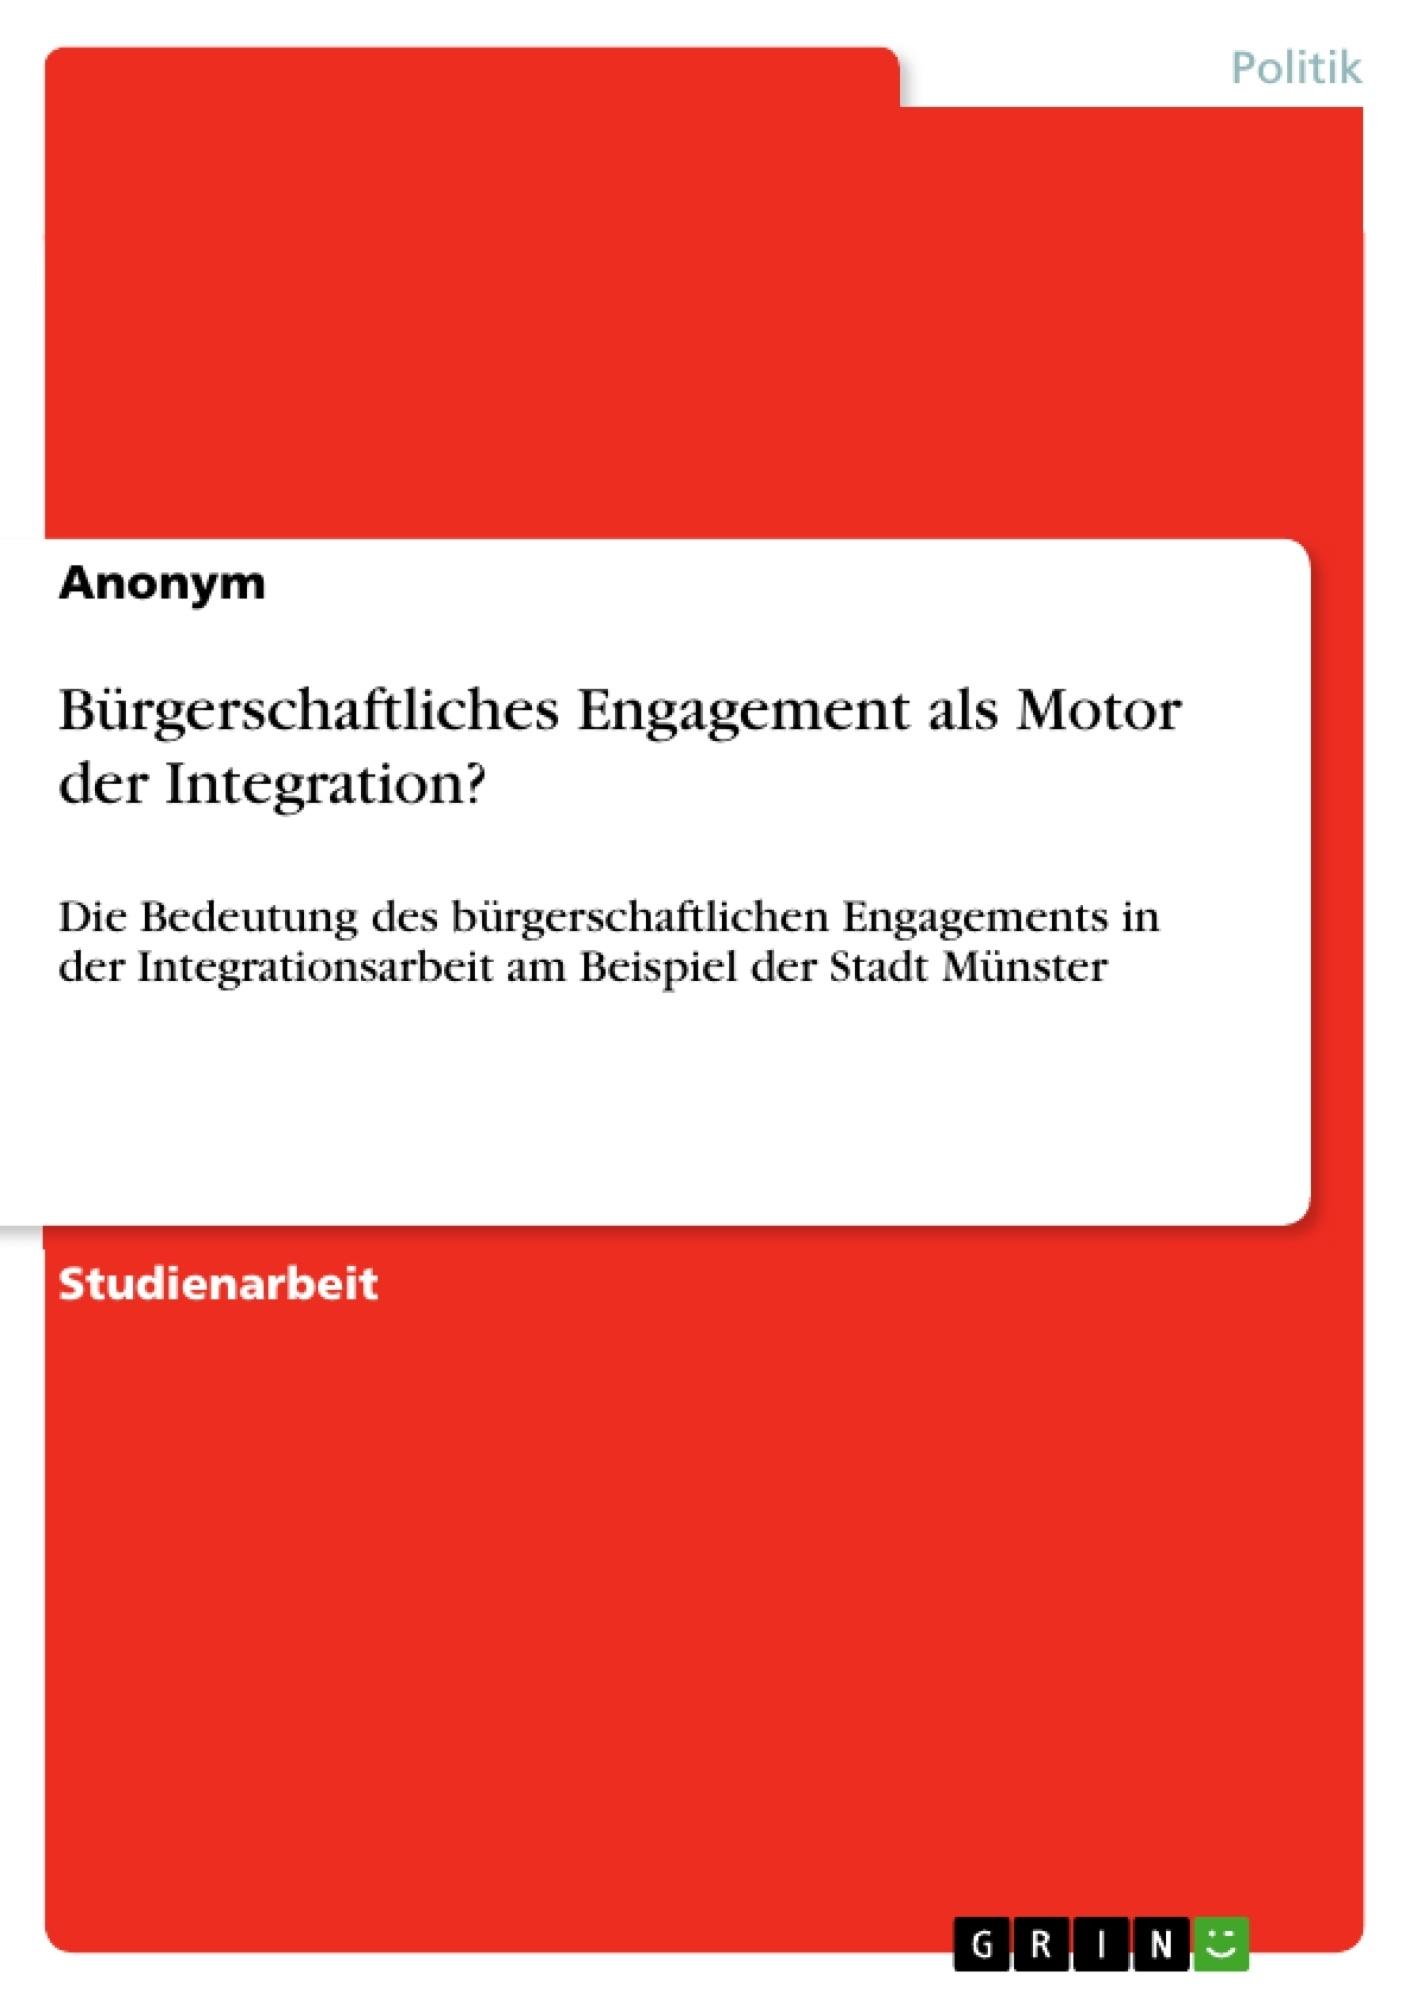 Titel: Bürgerschaftliches Engagement als Motor der Integration?